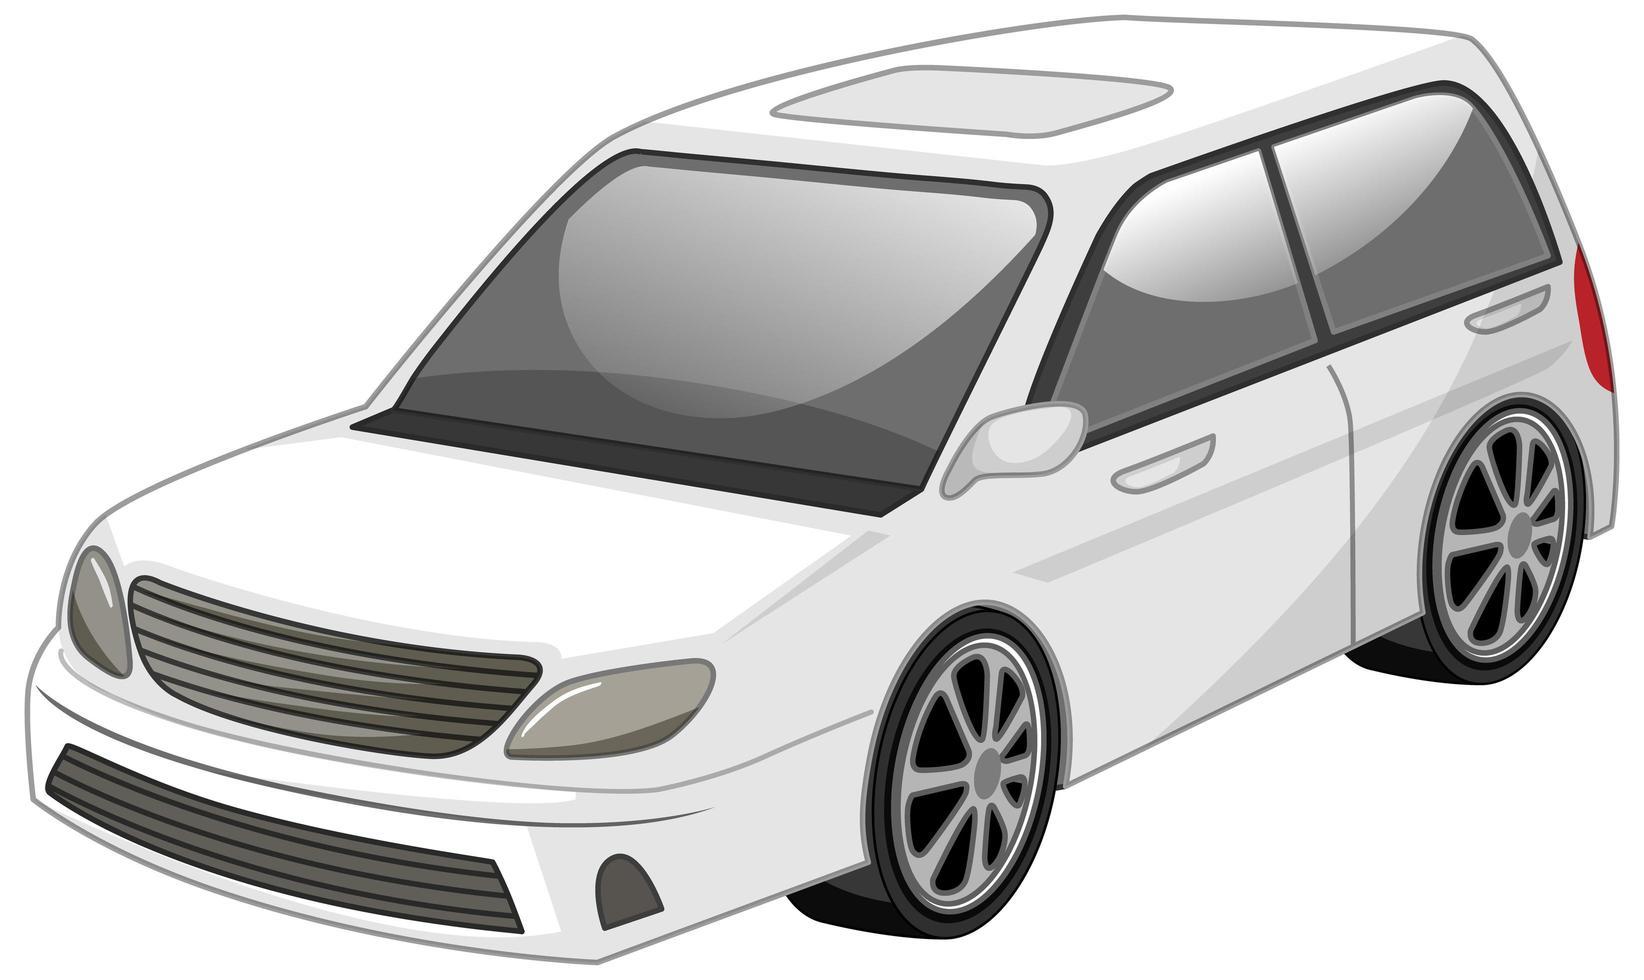 witte auto cartoon stijl geïsoleerd vector